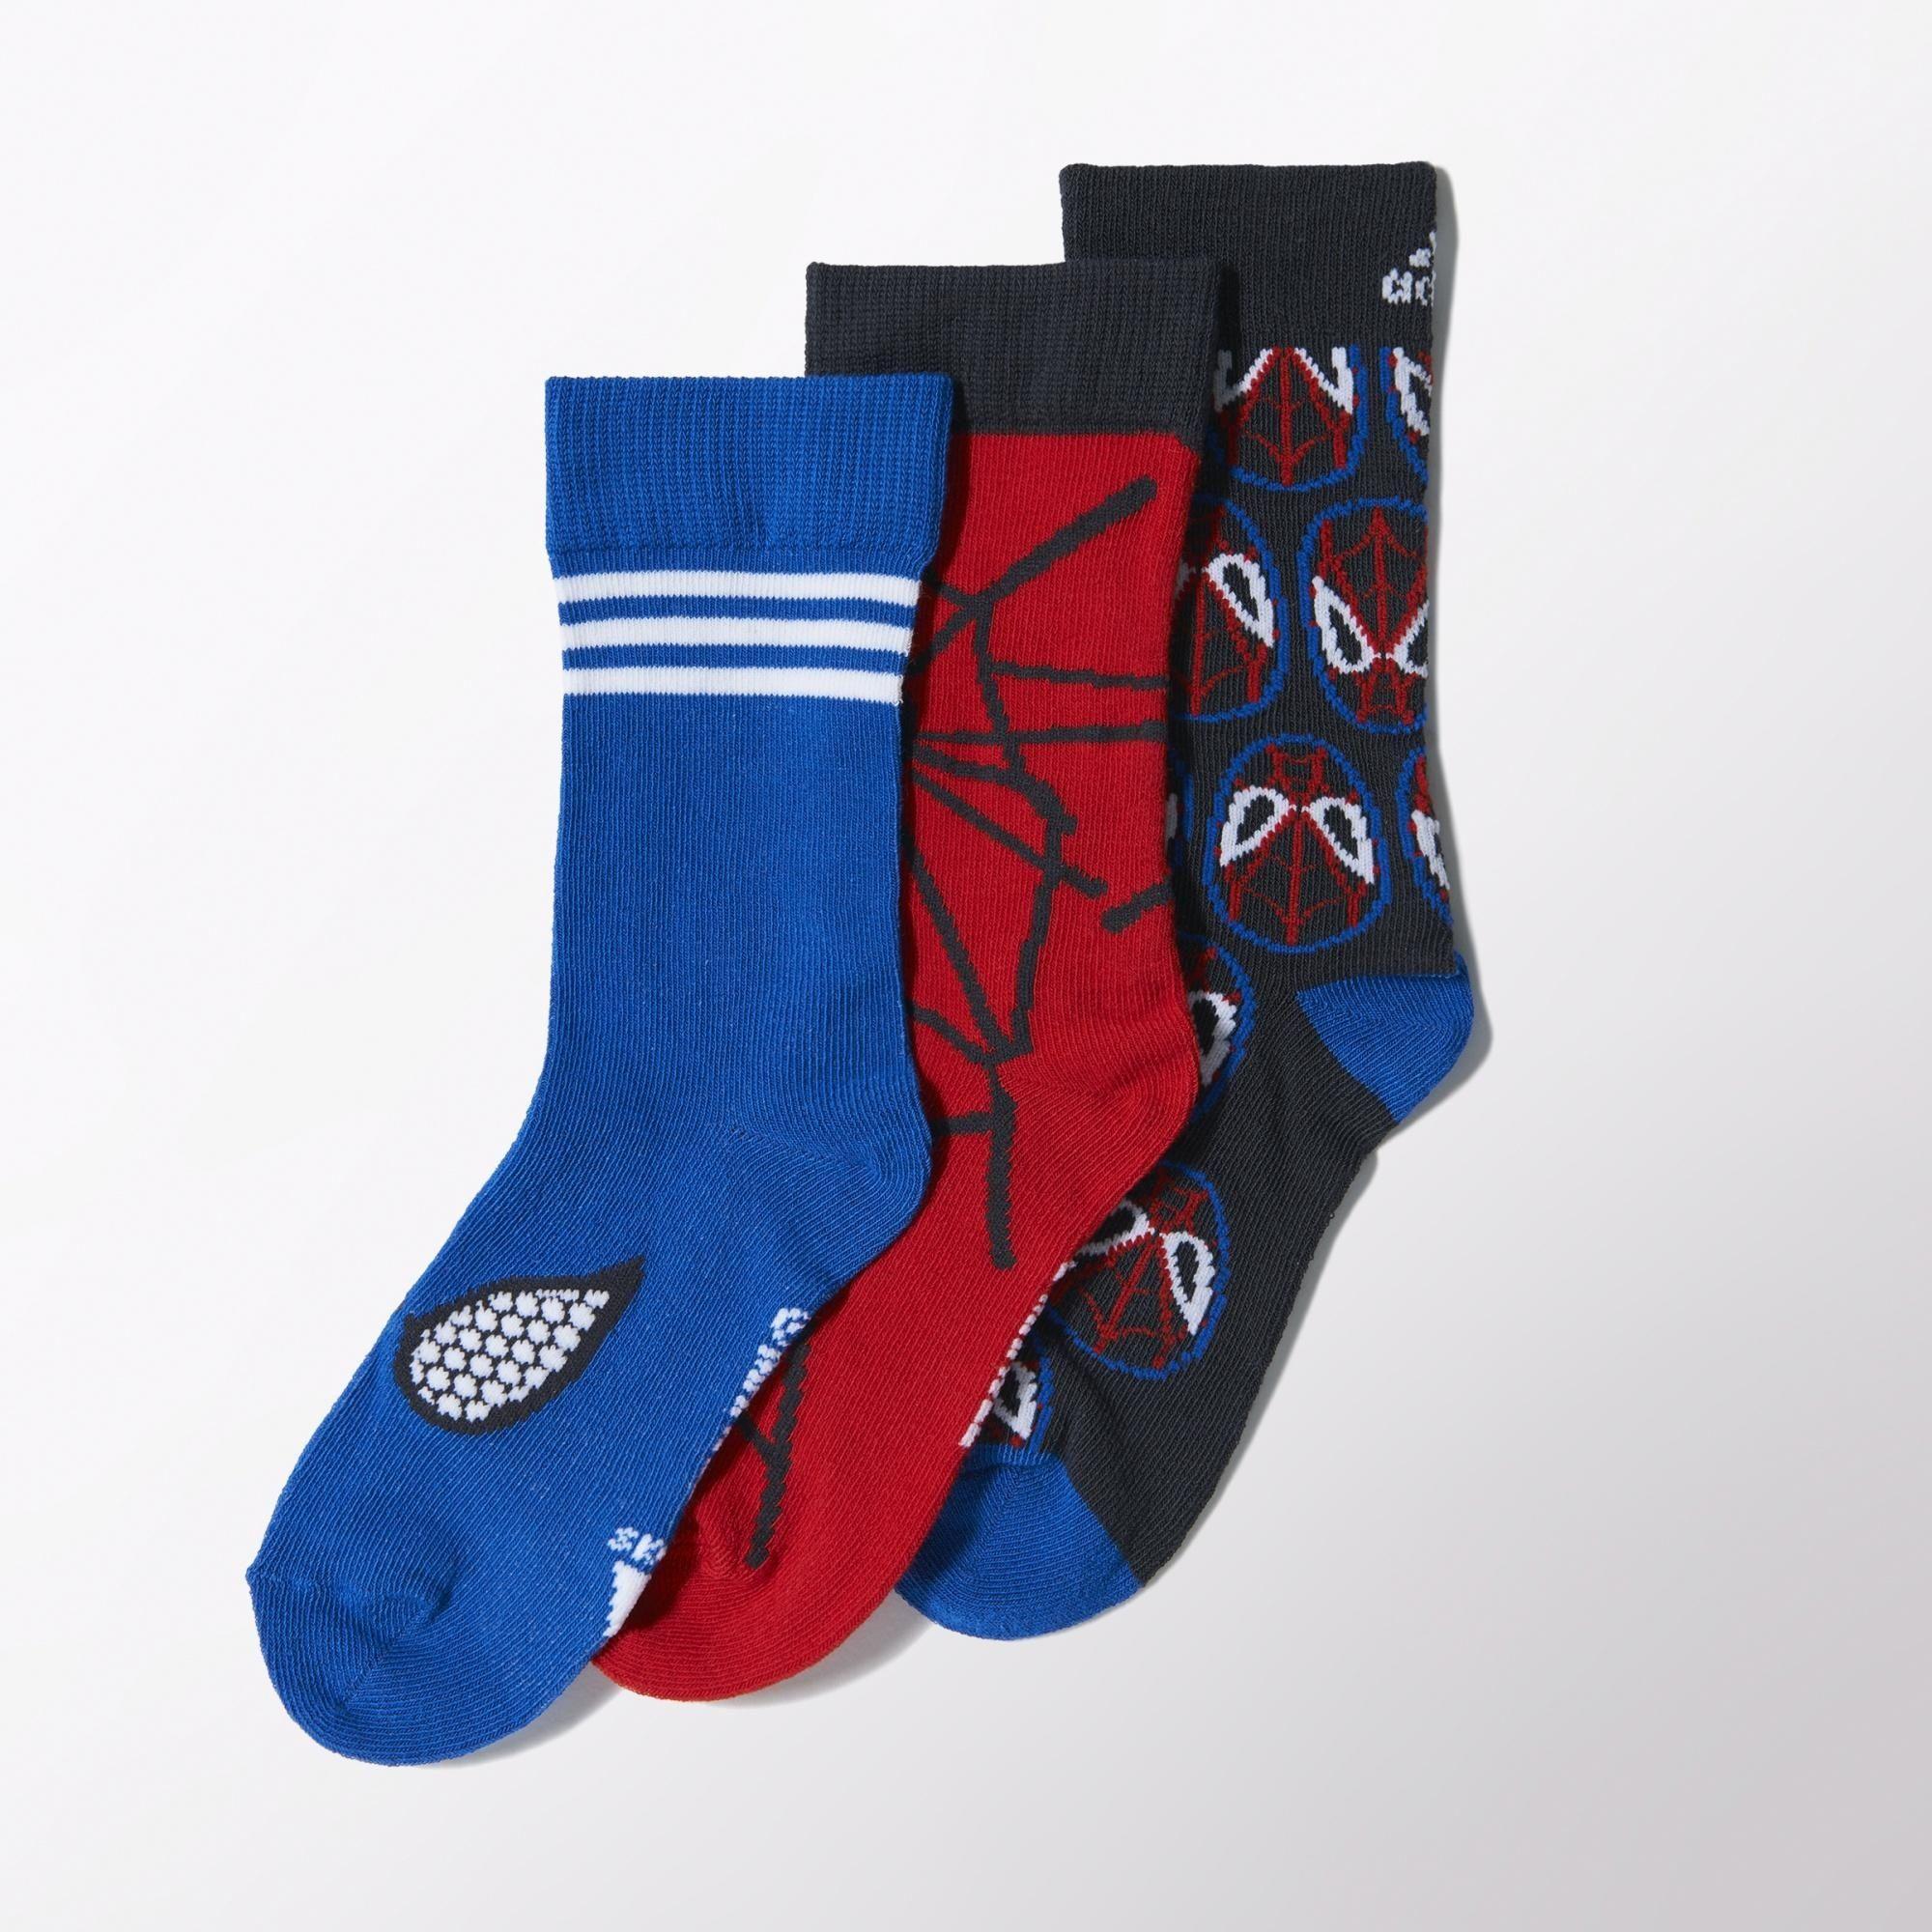 facil de manejar el plastico Crudo  Adidas Calcetines Niño Spider-Man (azul/rojo/marino)